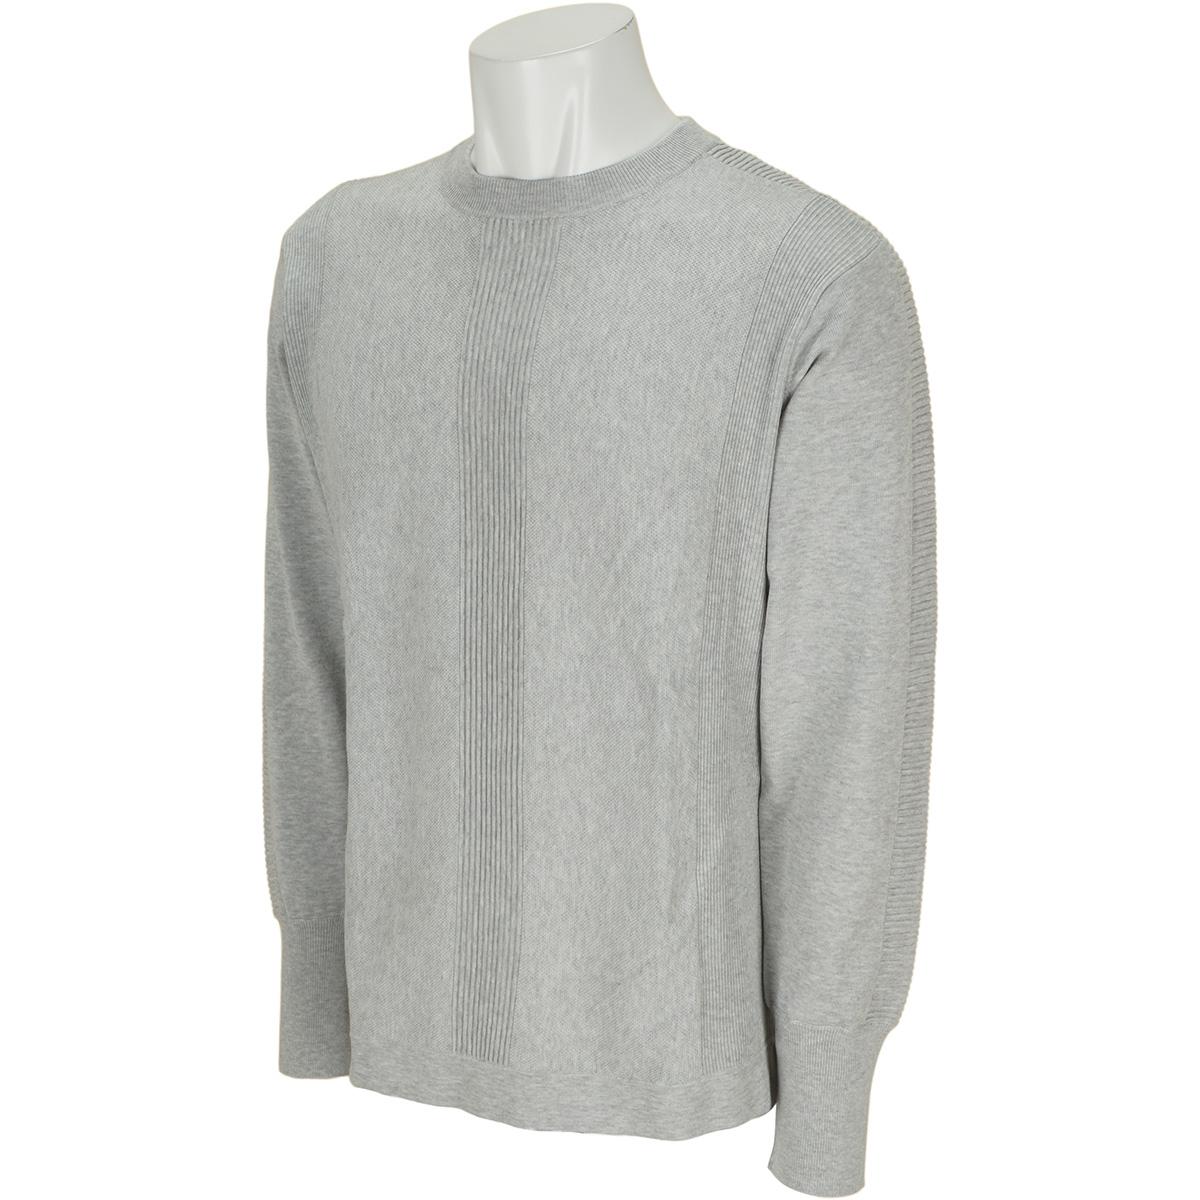 ドライコットン クルーネックセーター